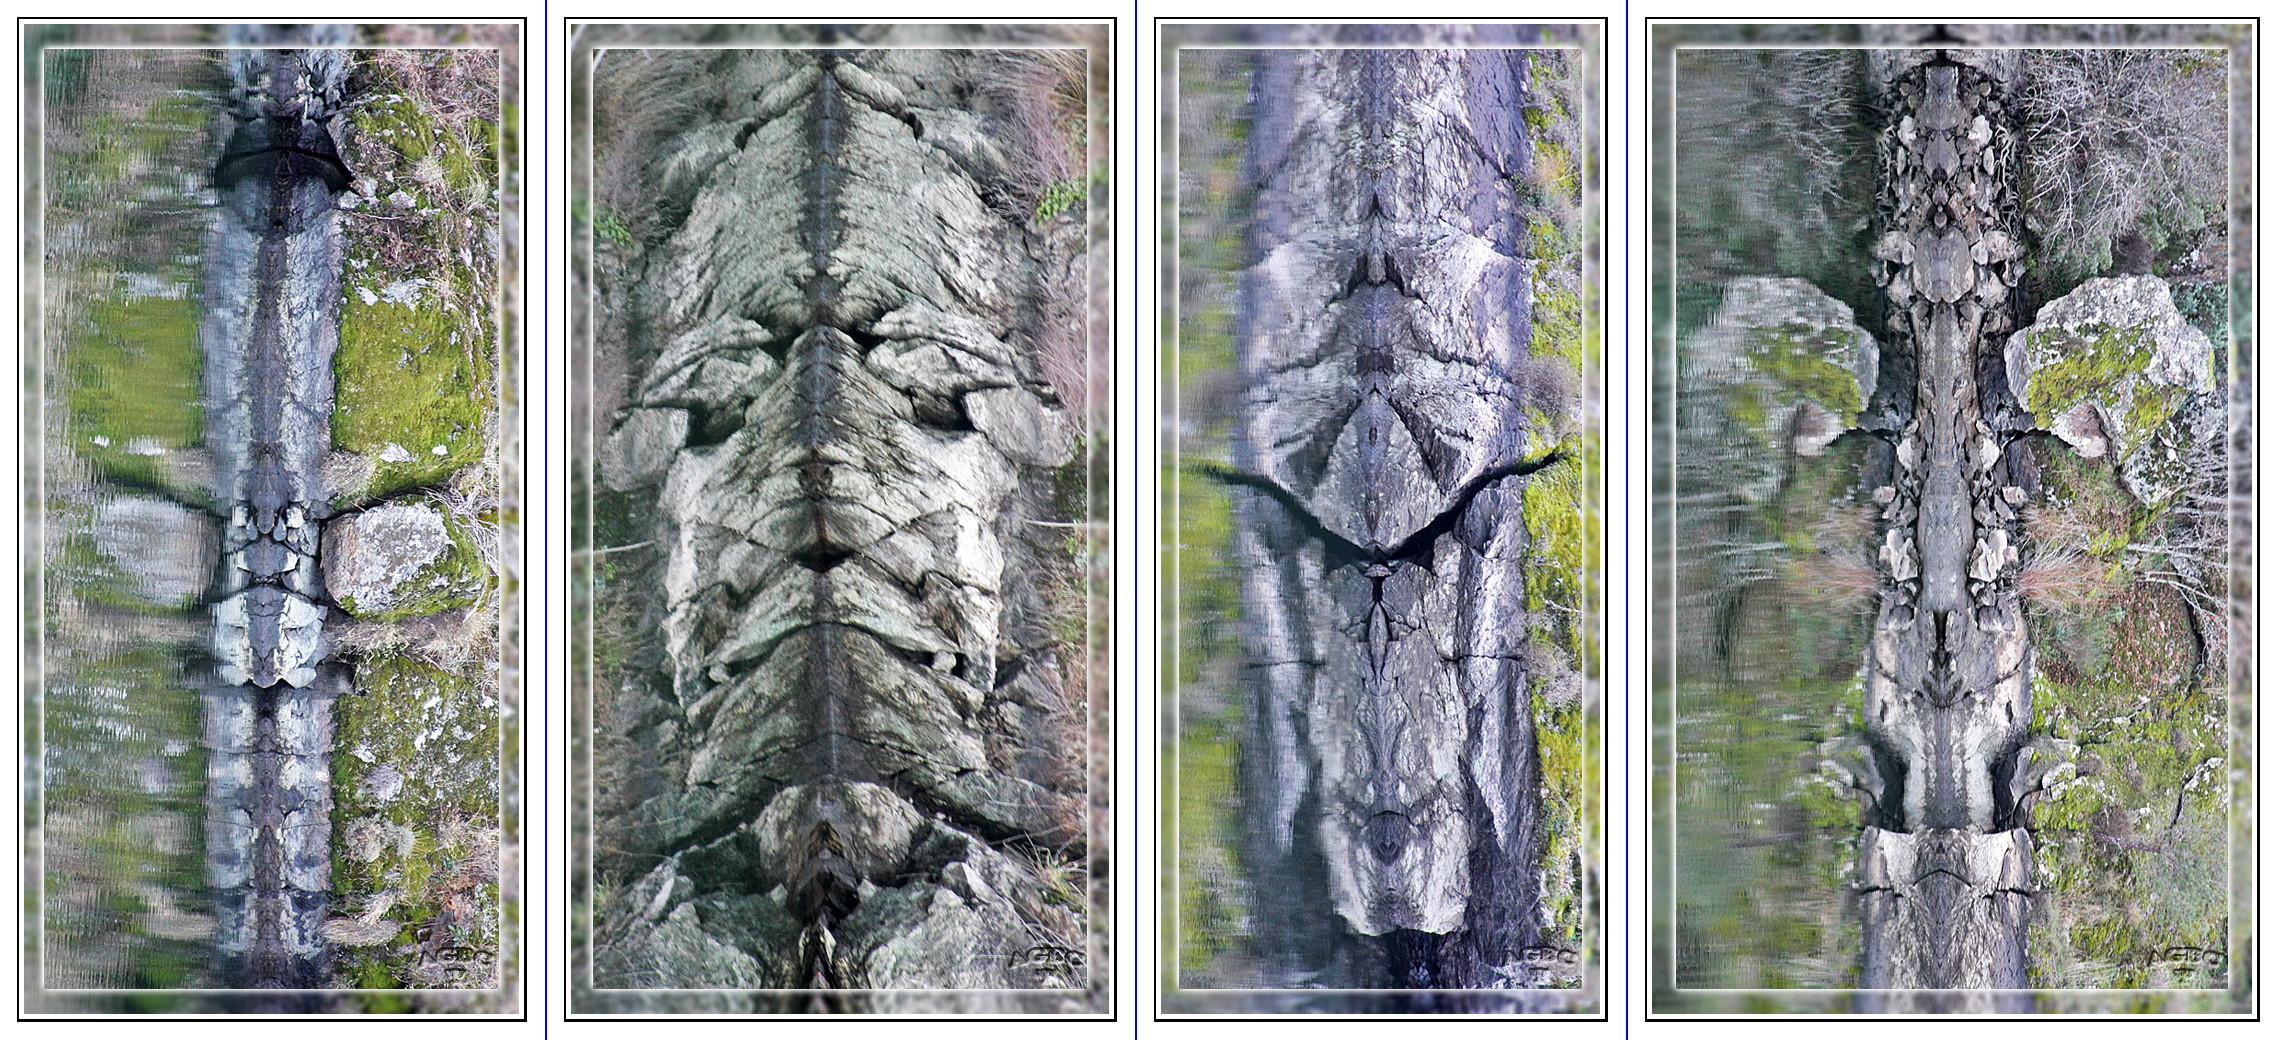 Monstruos de Pantano